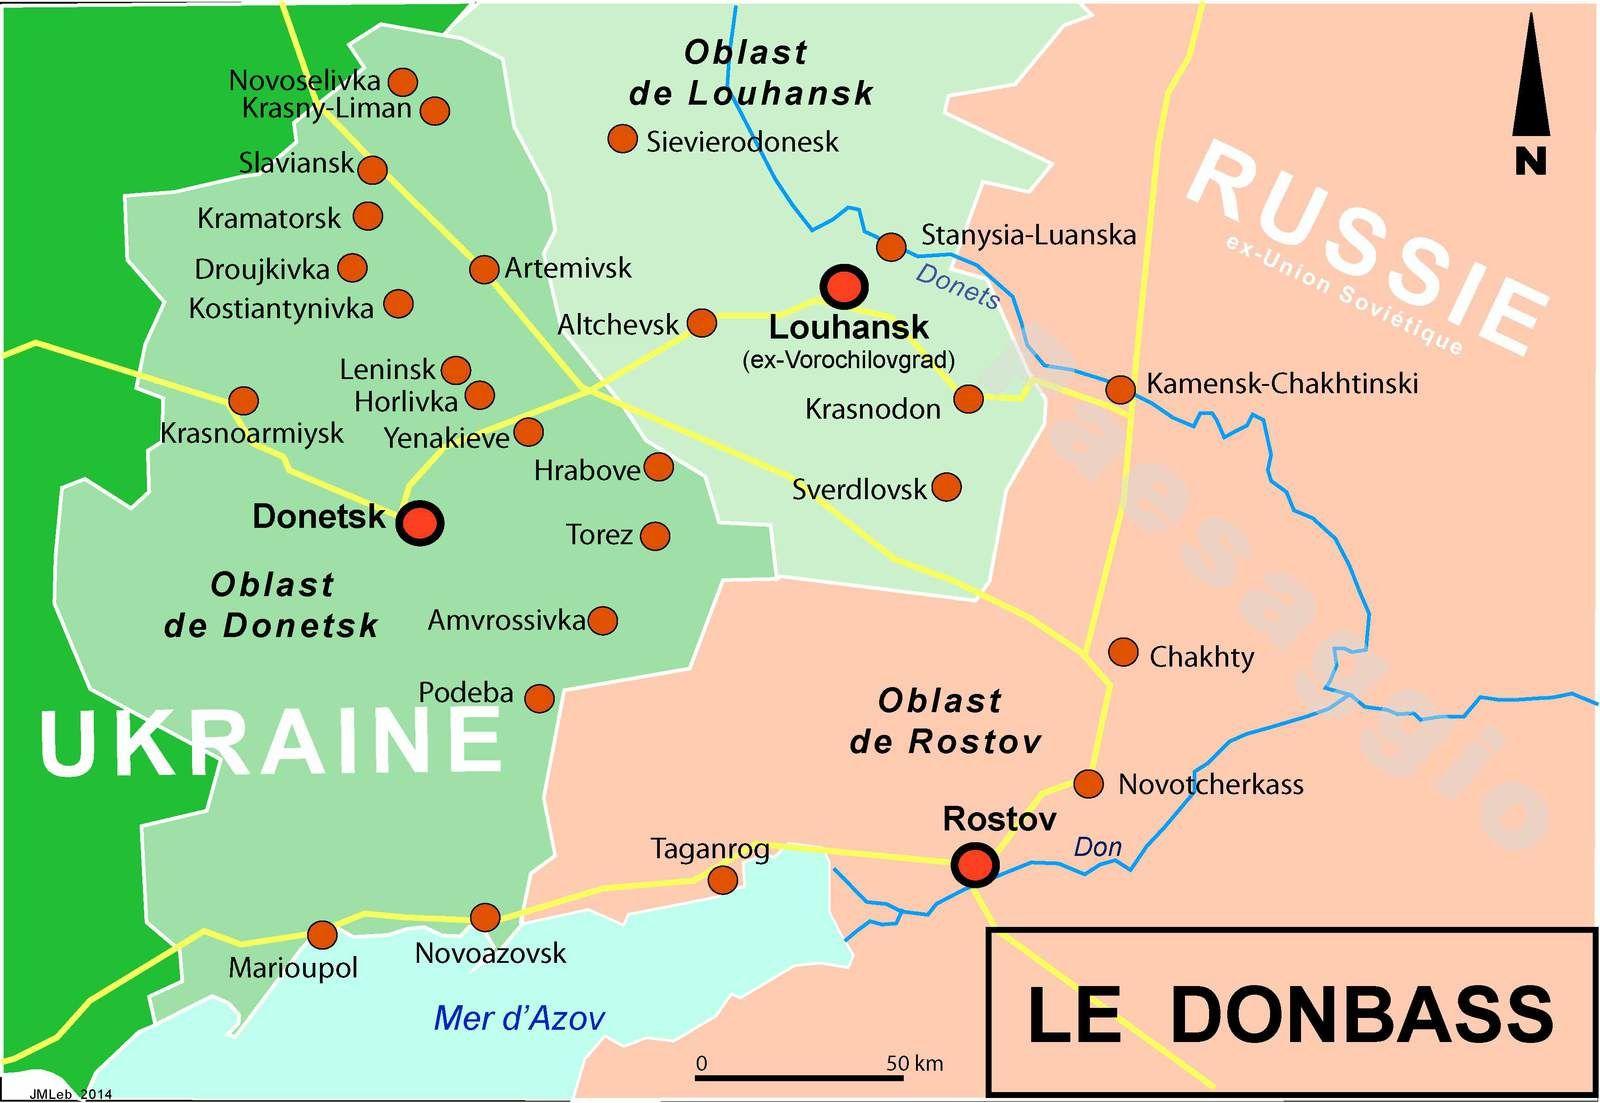 Trois cartes pour situer le Donbass